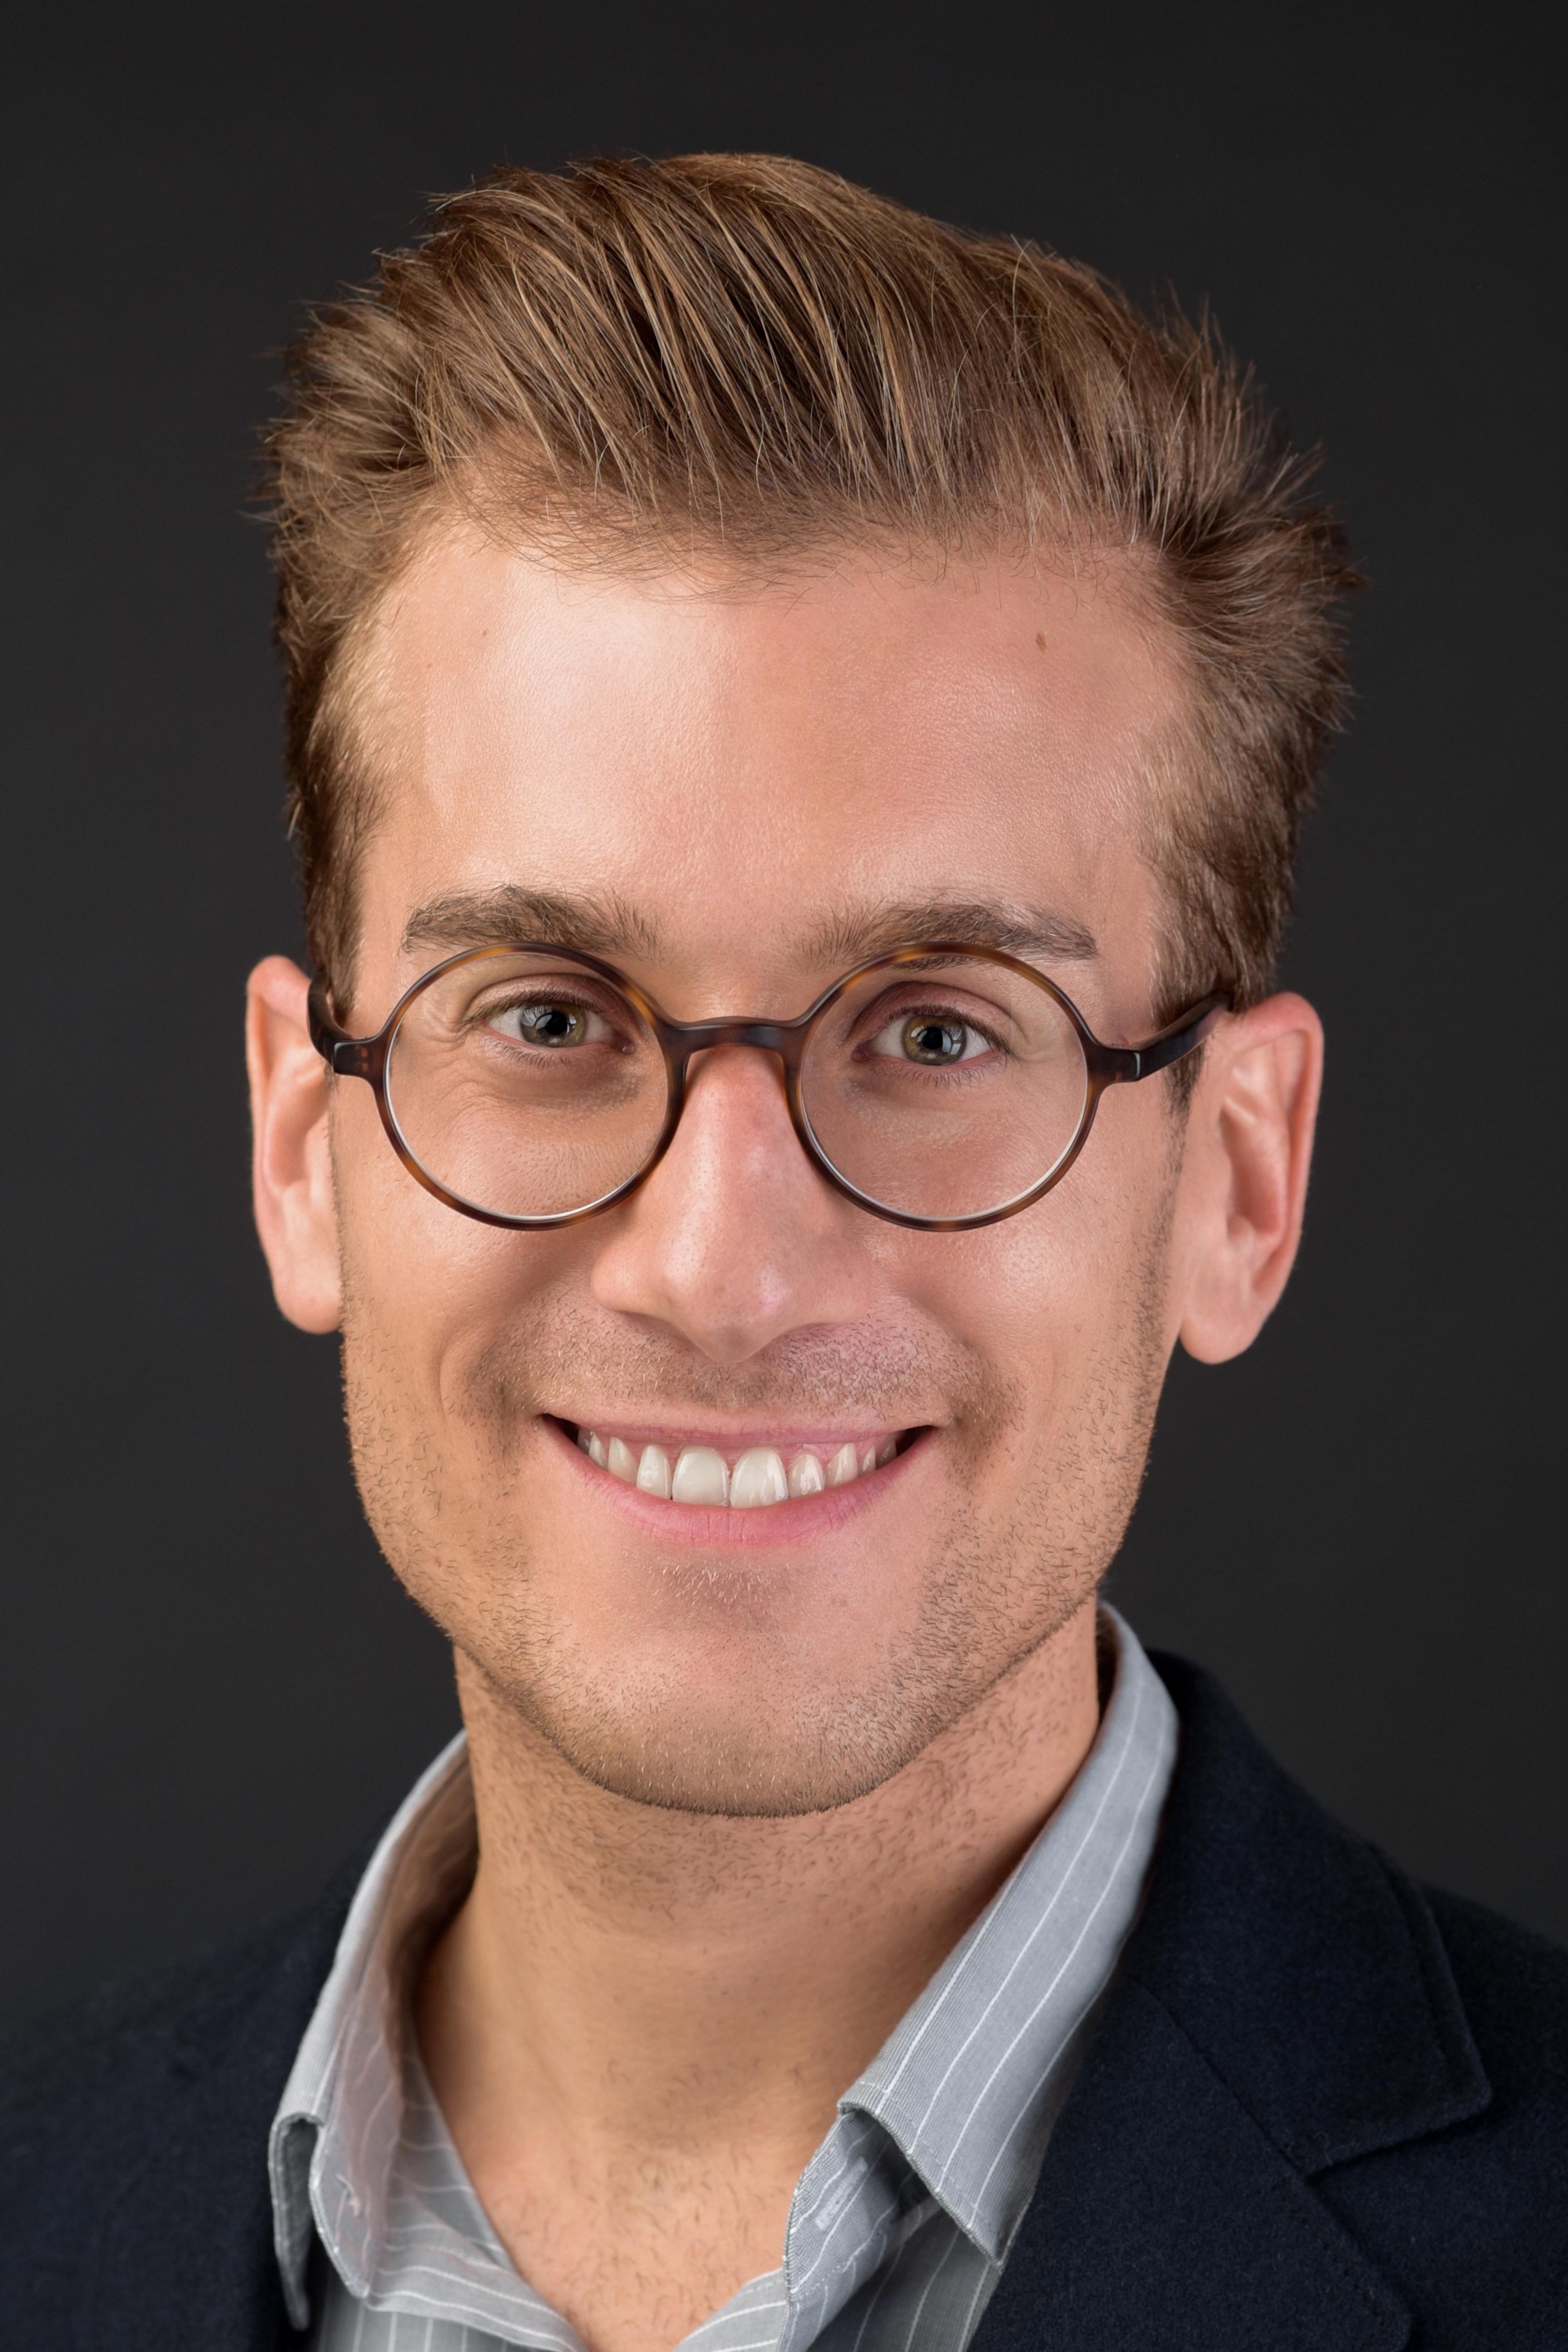 Sebastian Meixner